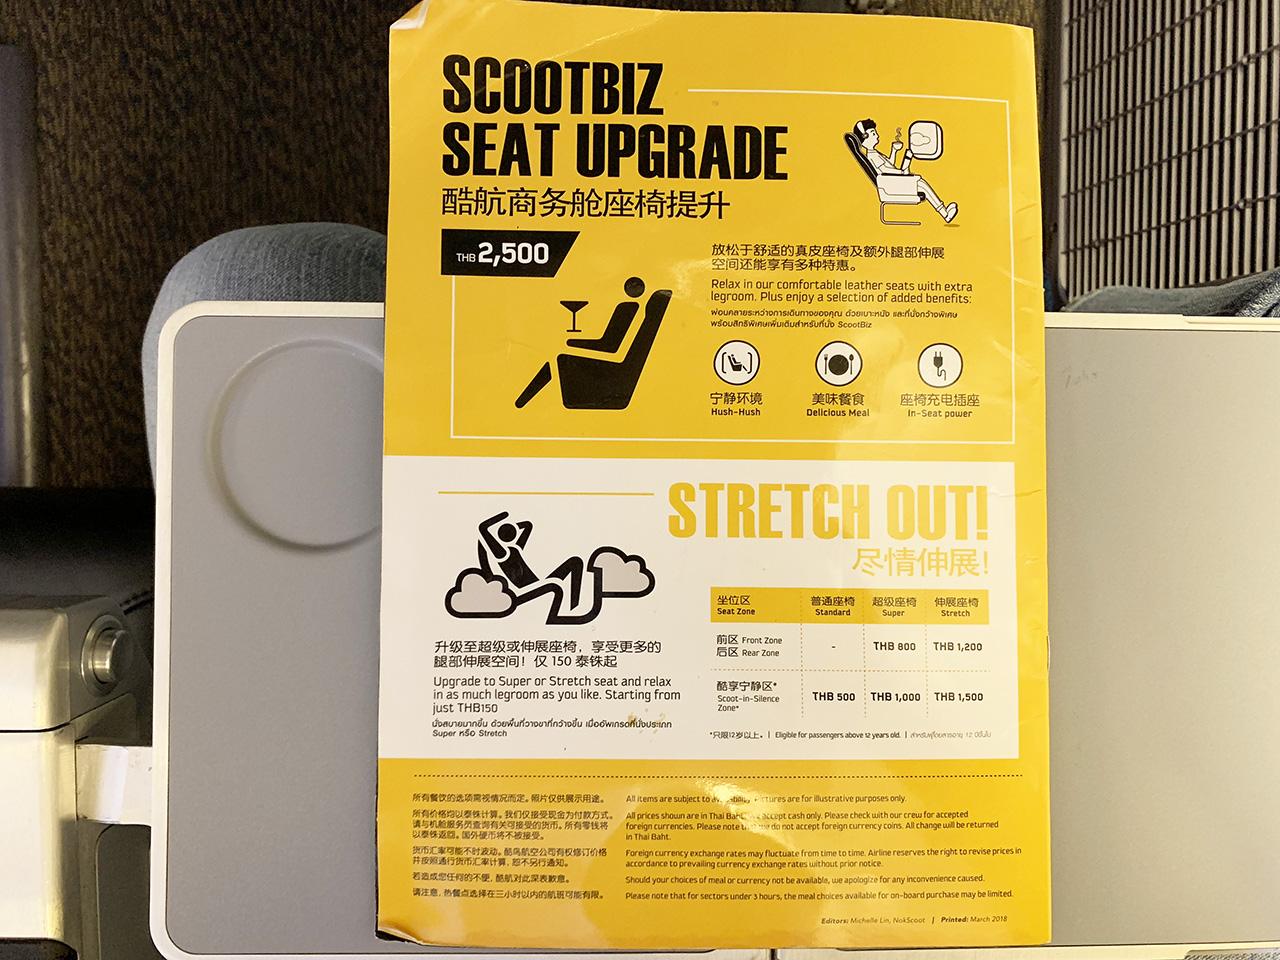 機内でもシートのアップグレードが可能